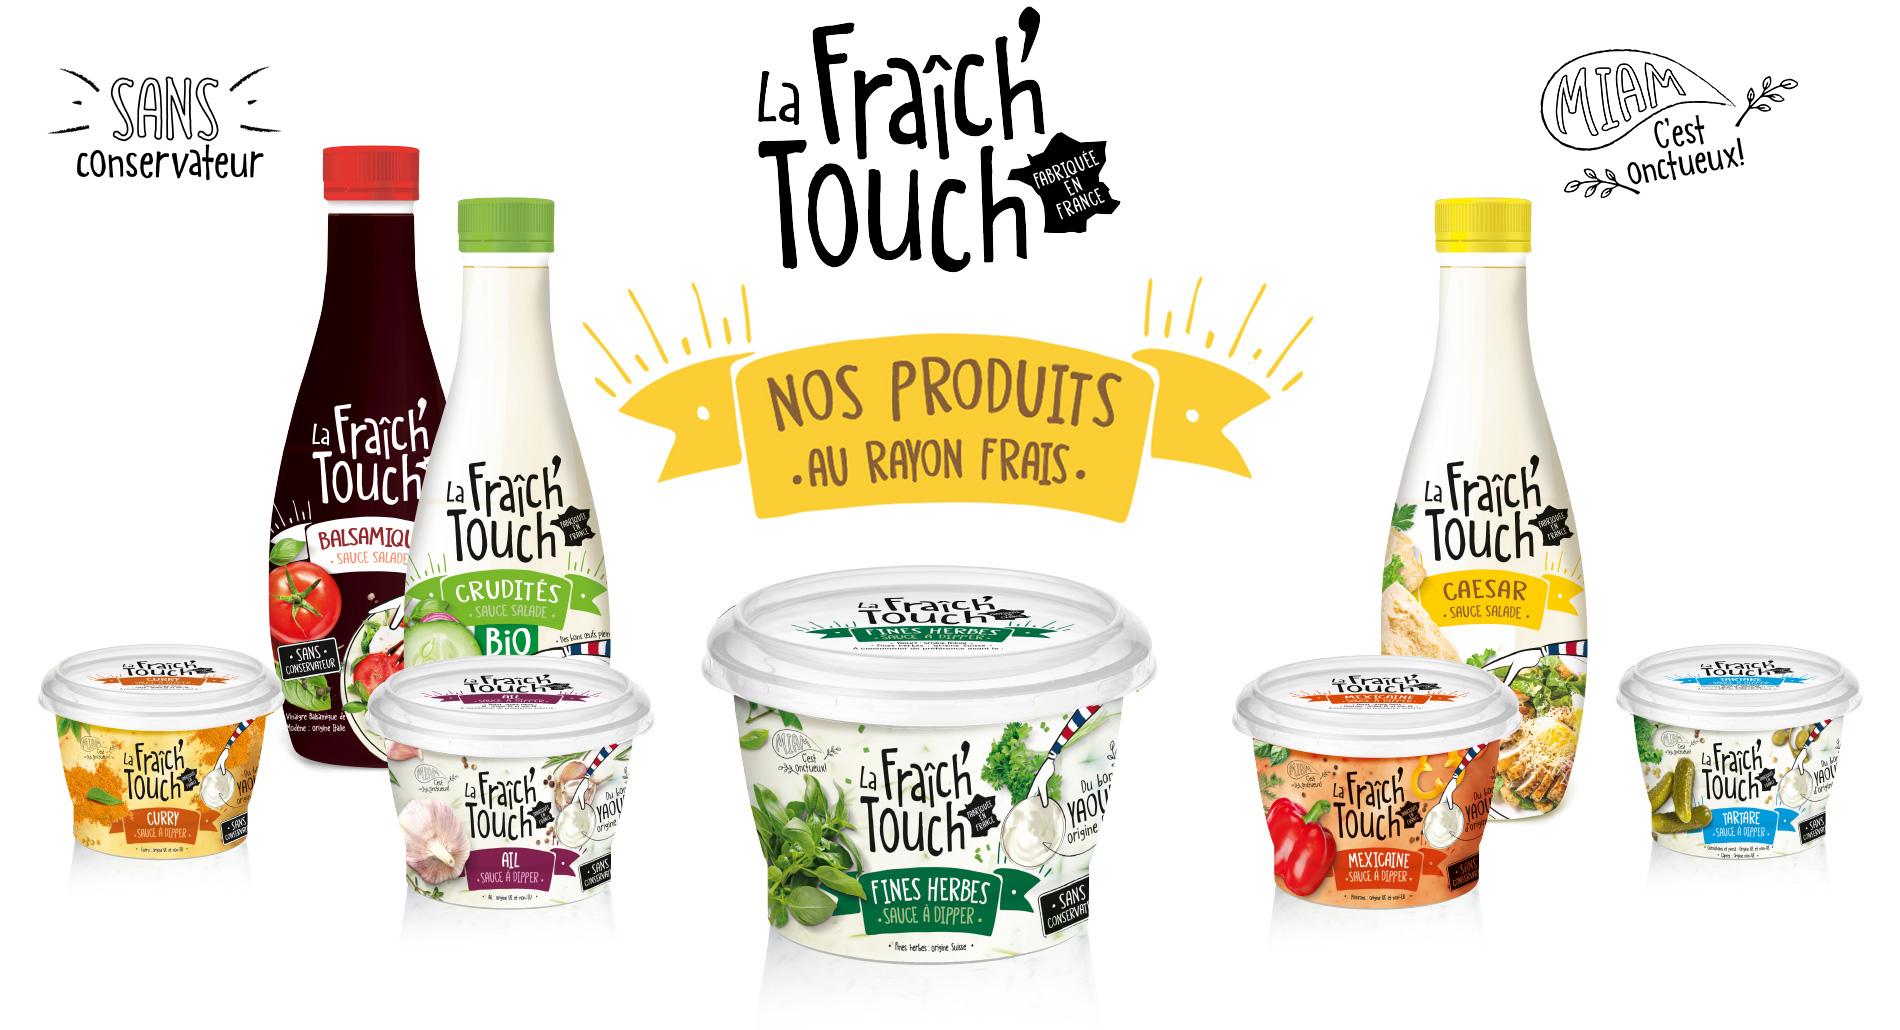 La Fraich'Touch nos sauces au rayon frais